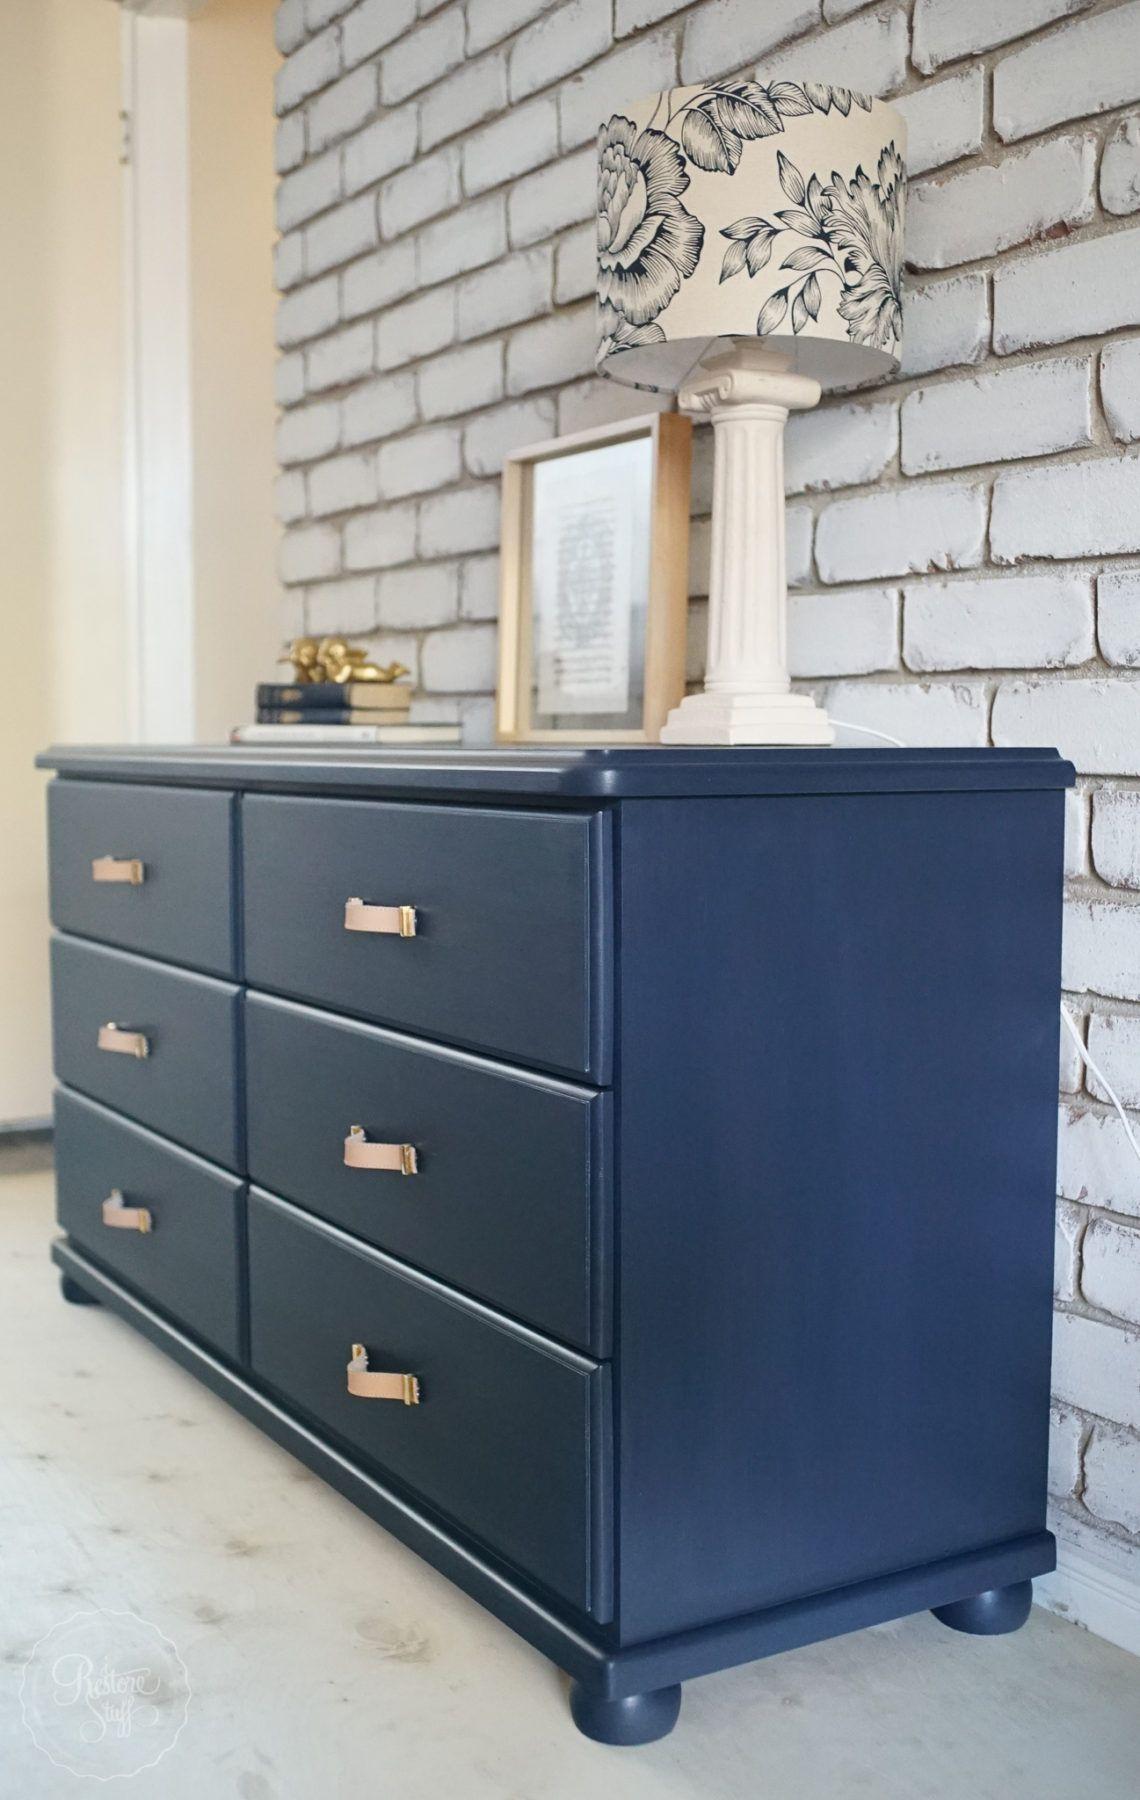 Midnight Blue Dresser Drawer Set Faux Leather Handles Blue Dresser Vintage Bedroom Furniture Dresser Drawers [ 1800 x 1140 Pixel ]